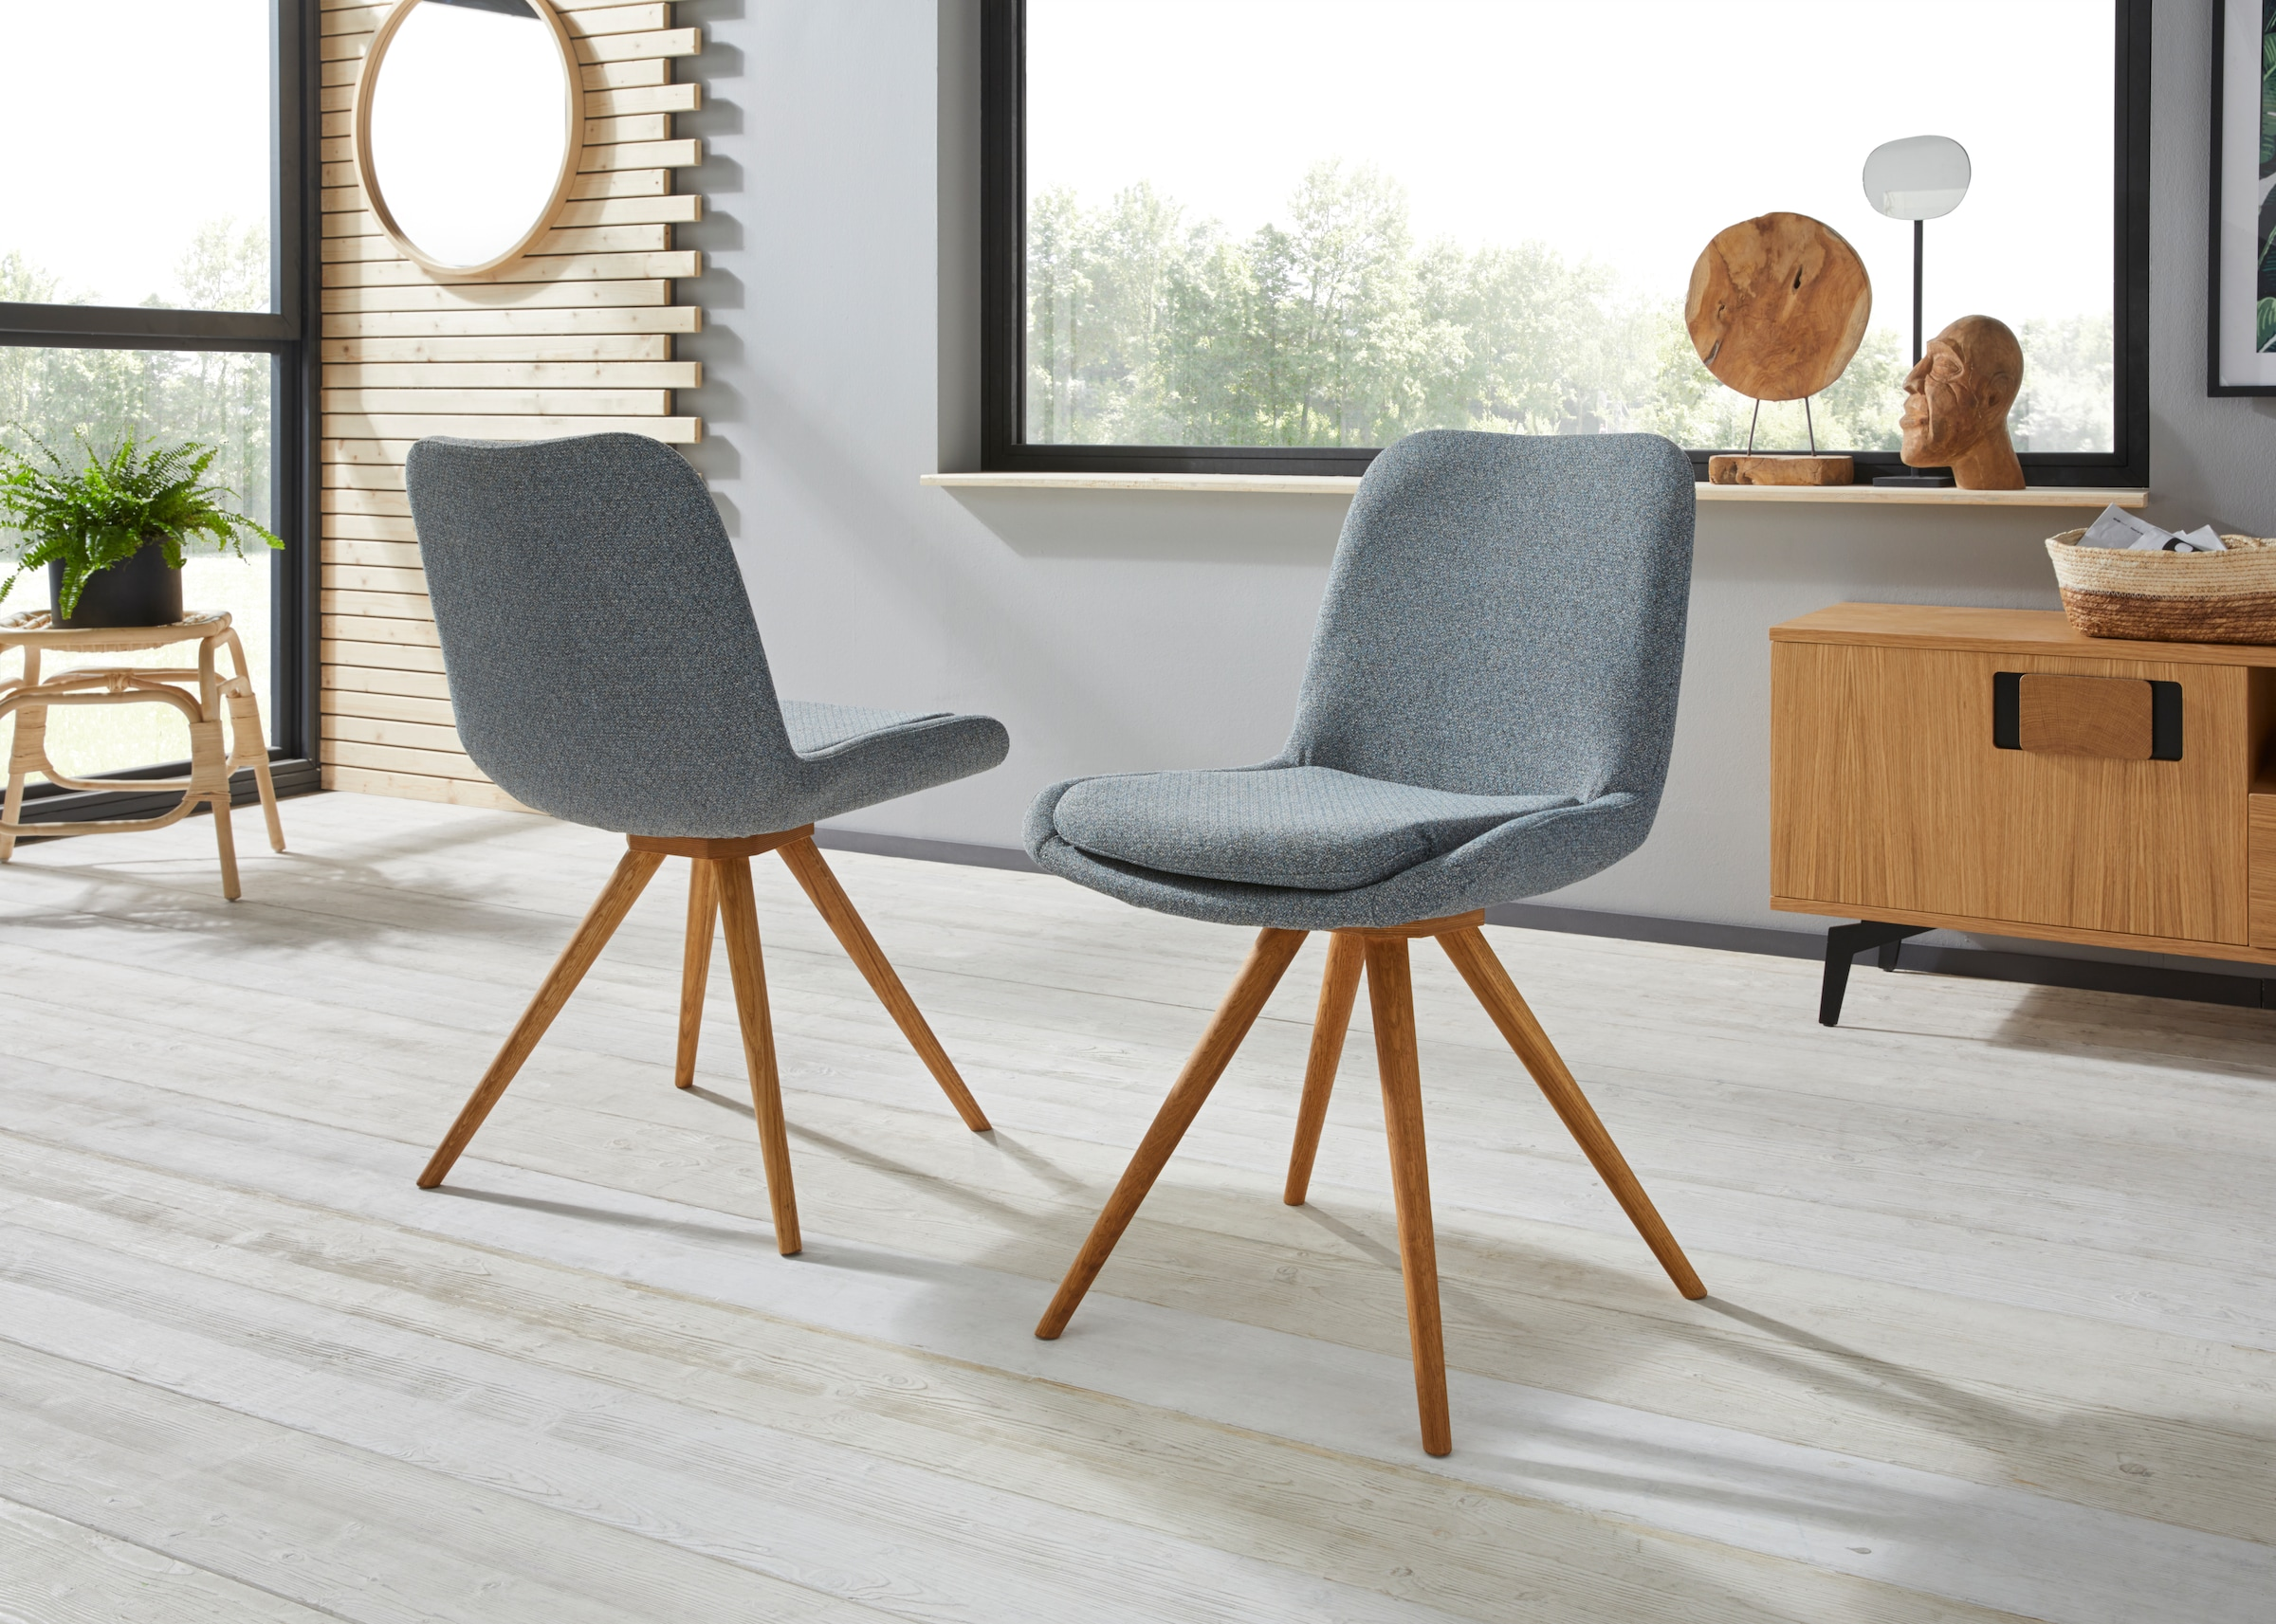 Esszimmerstühle online kaufen   Möbel Suchmaschine